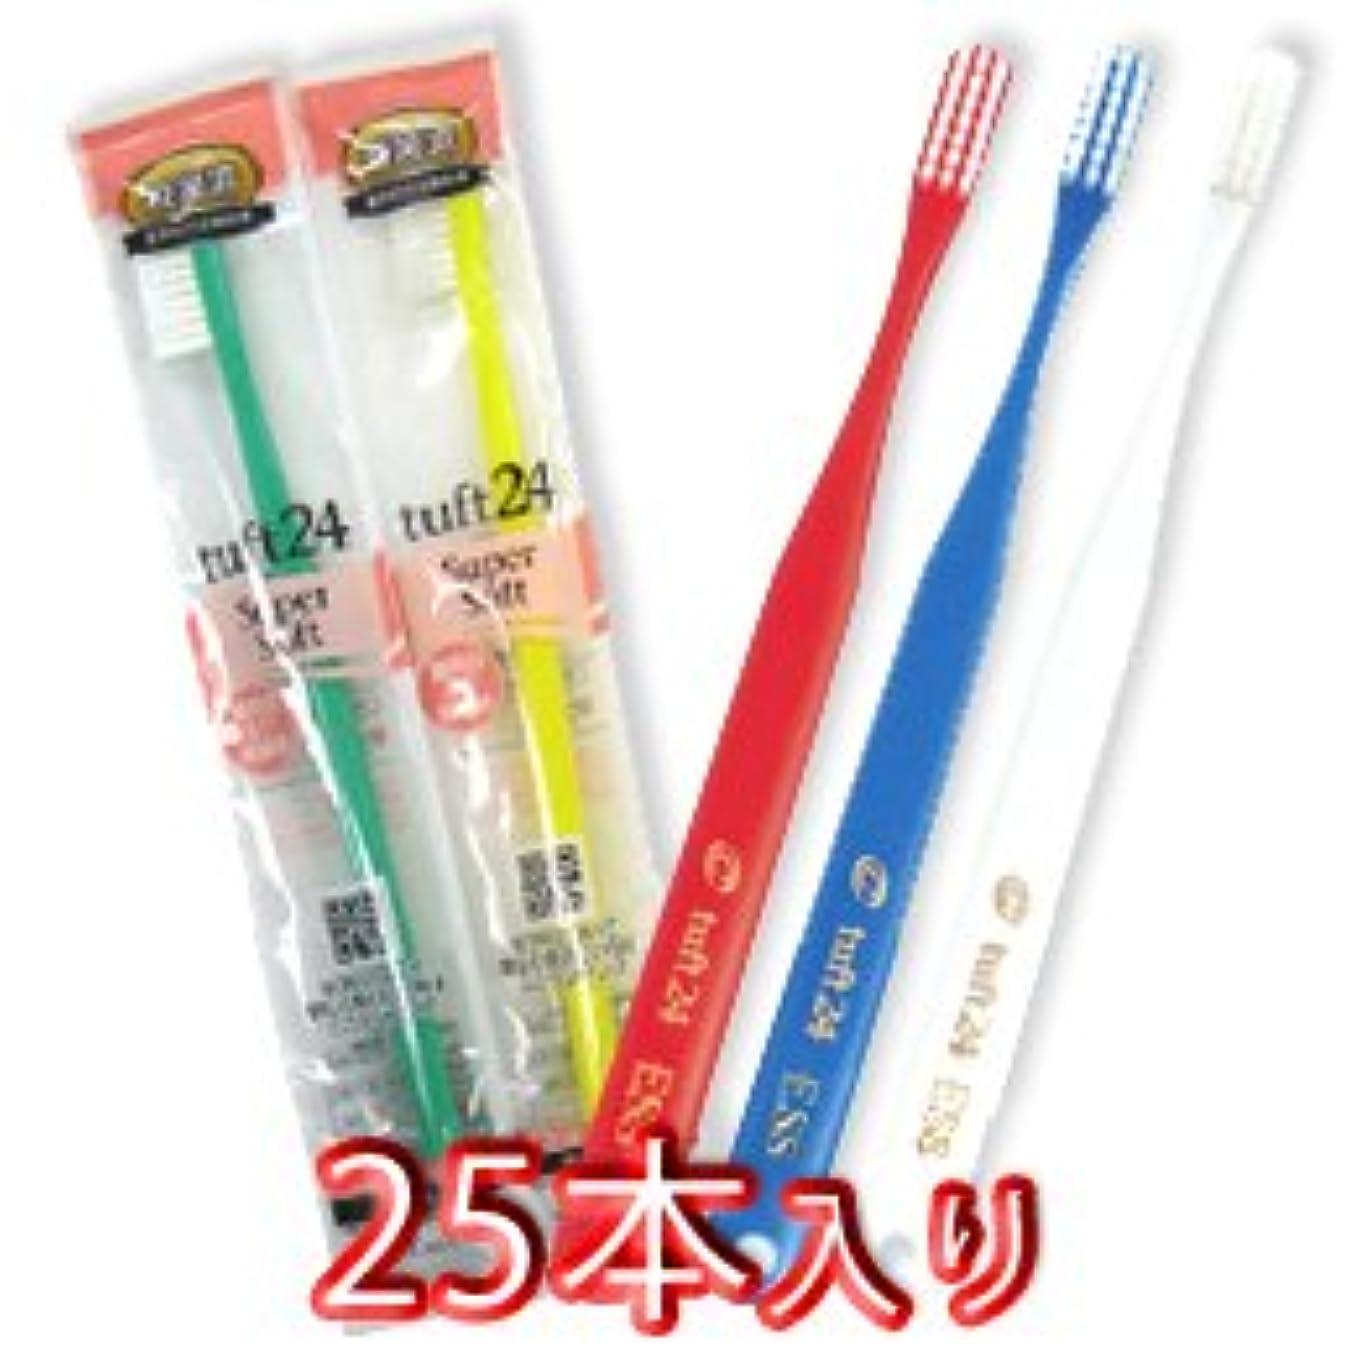 舞い上がるインシュレータエイリアスキャップ付き タフト 24 歯ブラシ スーパーソフト 25本 (アソート)